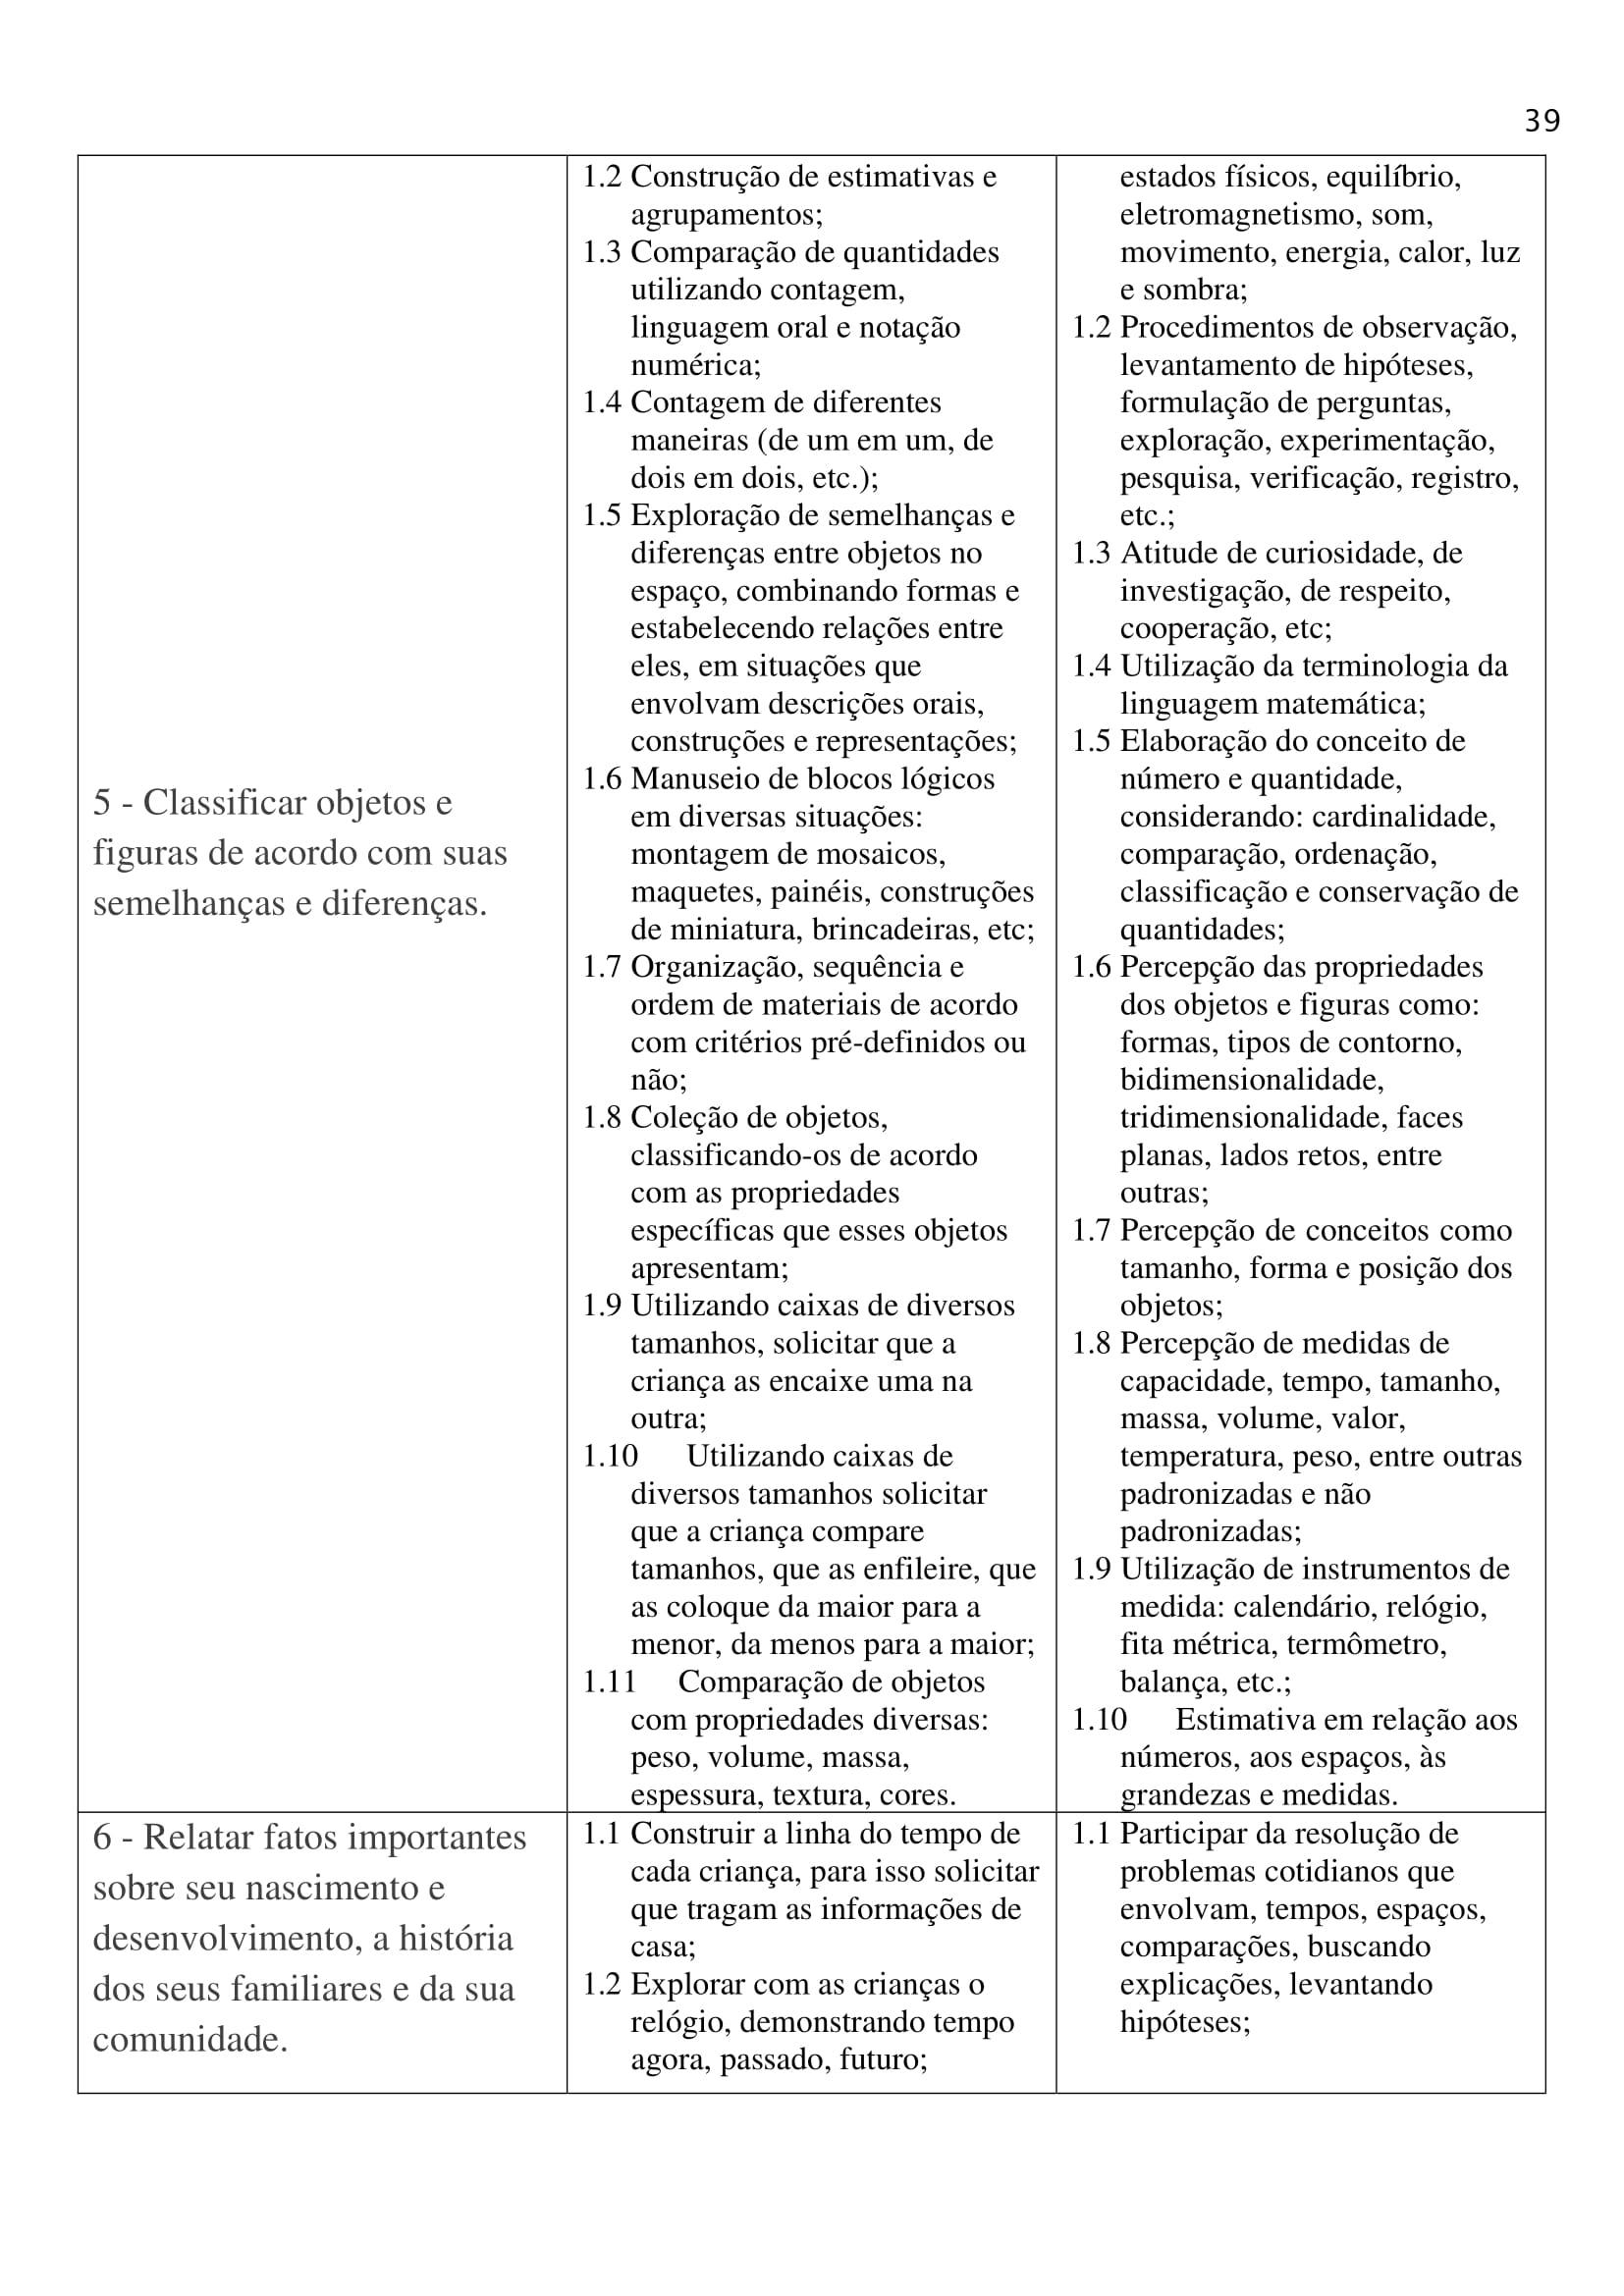 planejamento-educação-infantil-bncc-geral-69